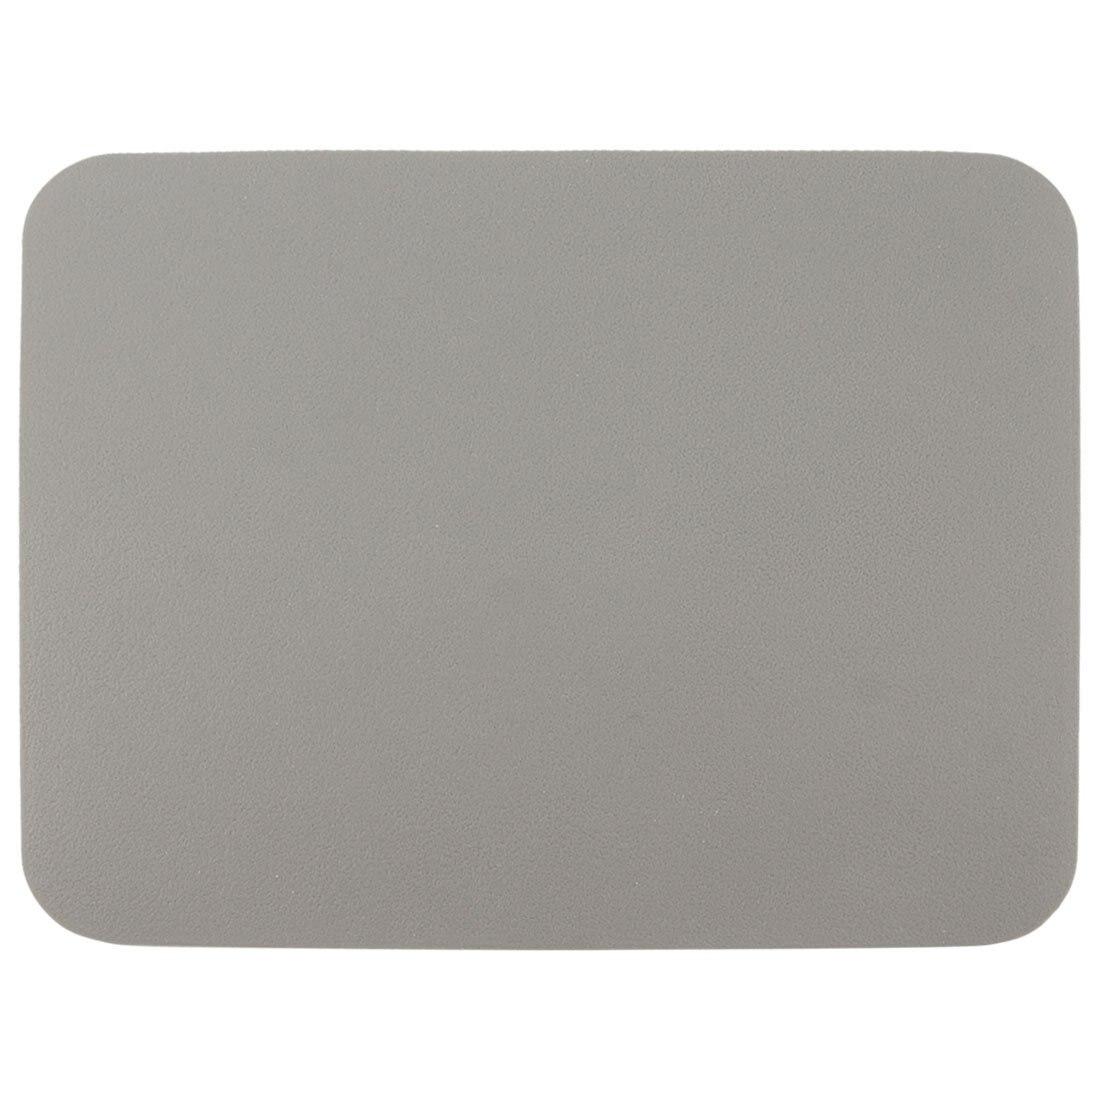 """GTFS Sıcak 8.5 """"x 6.9"""" Yumuşak Silikon Pürüzsüz Kare Gri Masaüstü Mouse Pad Mat"""